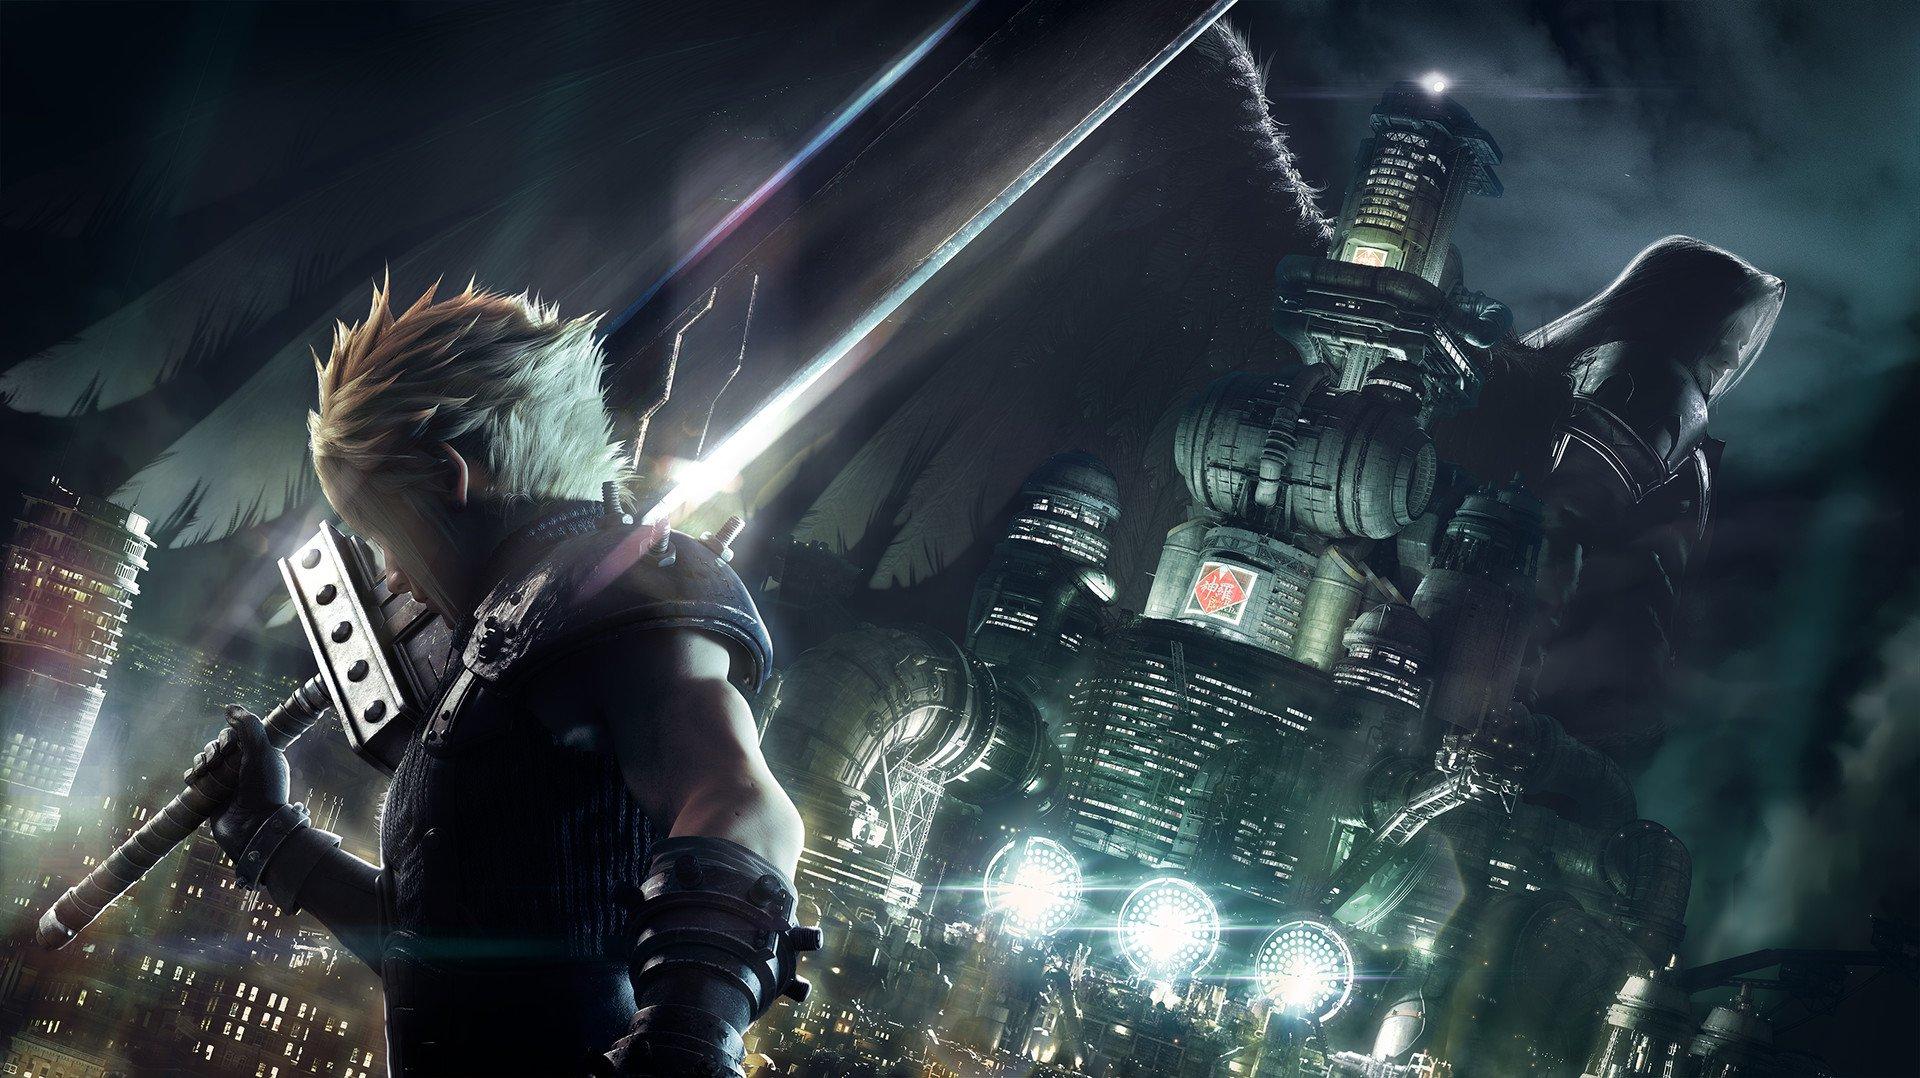 Dnes vychází demoverze hry Final Fantasy VII Remake